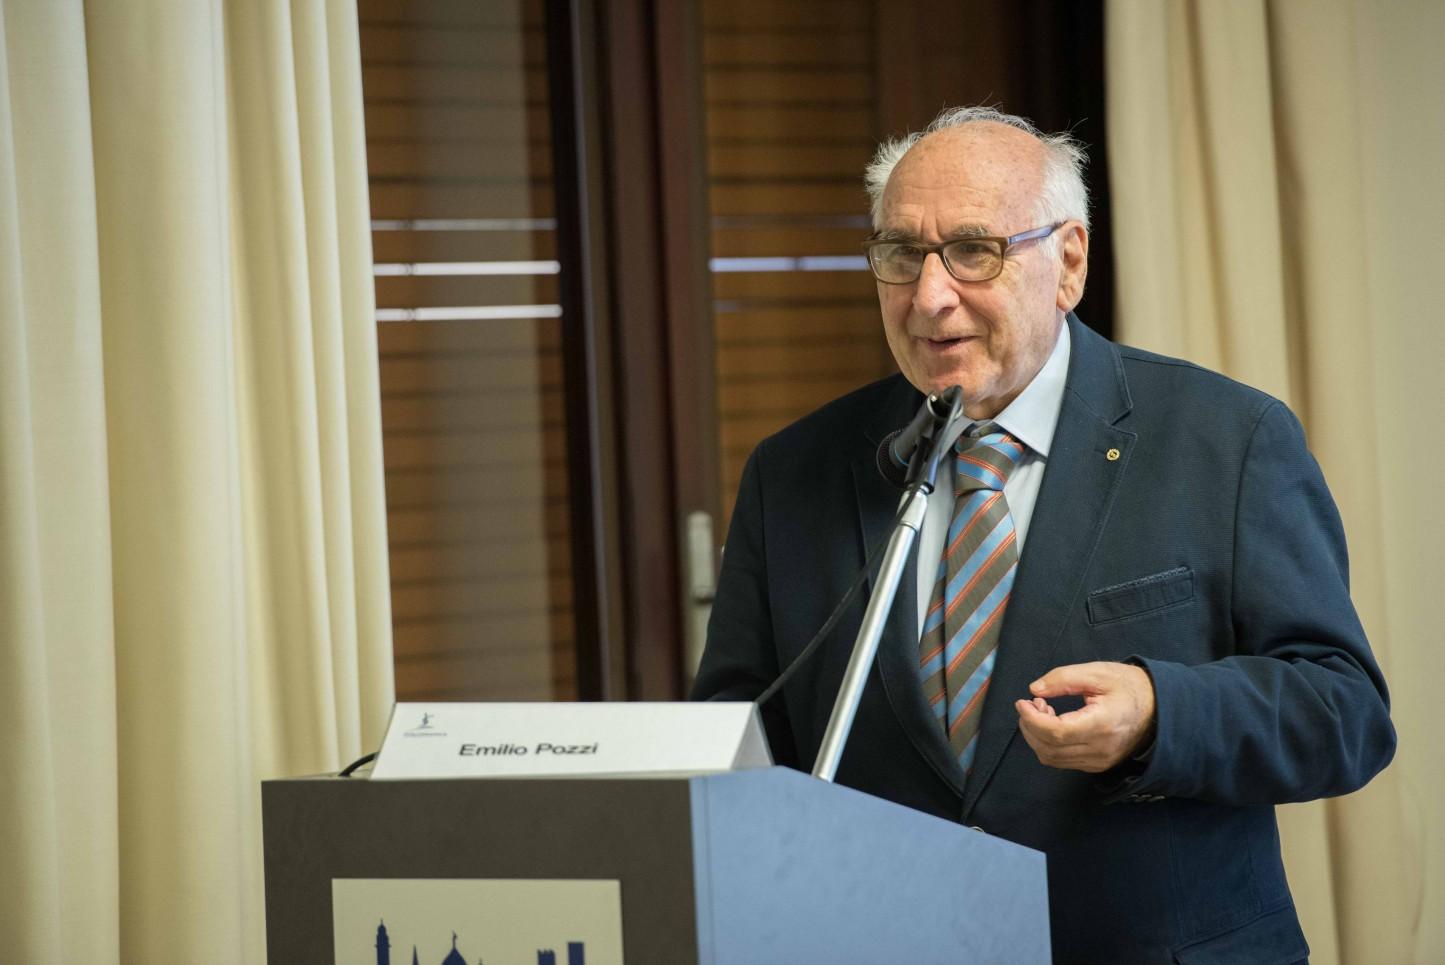 21.11.2015 - Bergamo, Convegno Vaccinazioni in età pediatrica - Emilio Pozzi porta i saluti dell'Ordine dei Medici di Bergamo